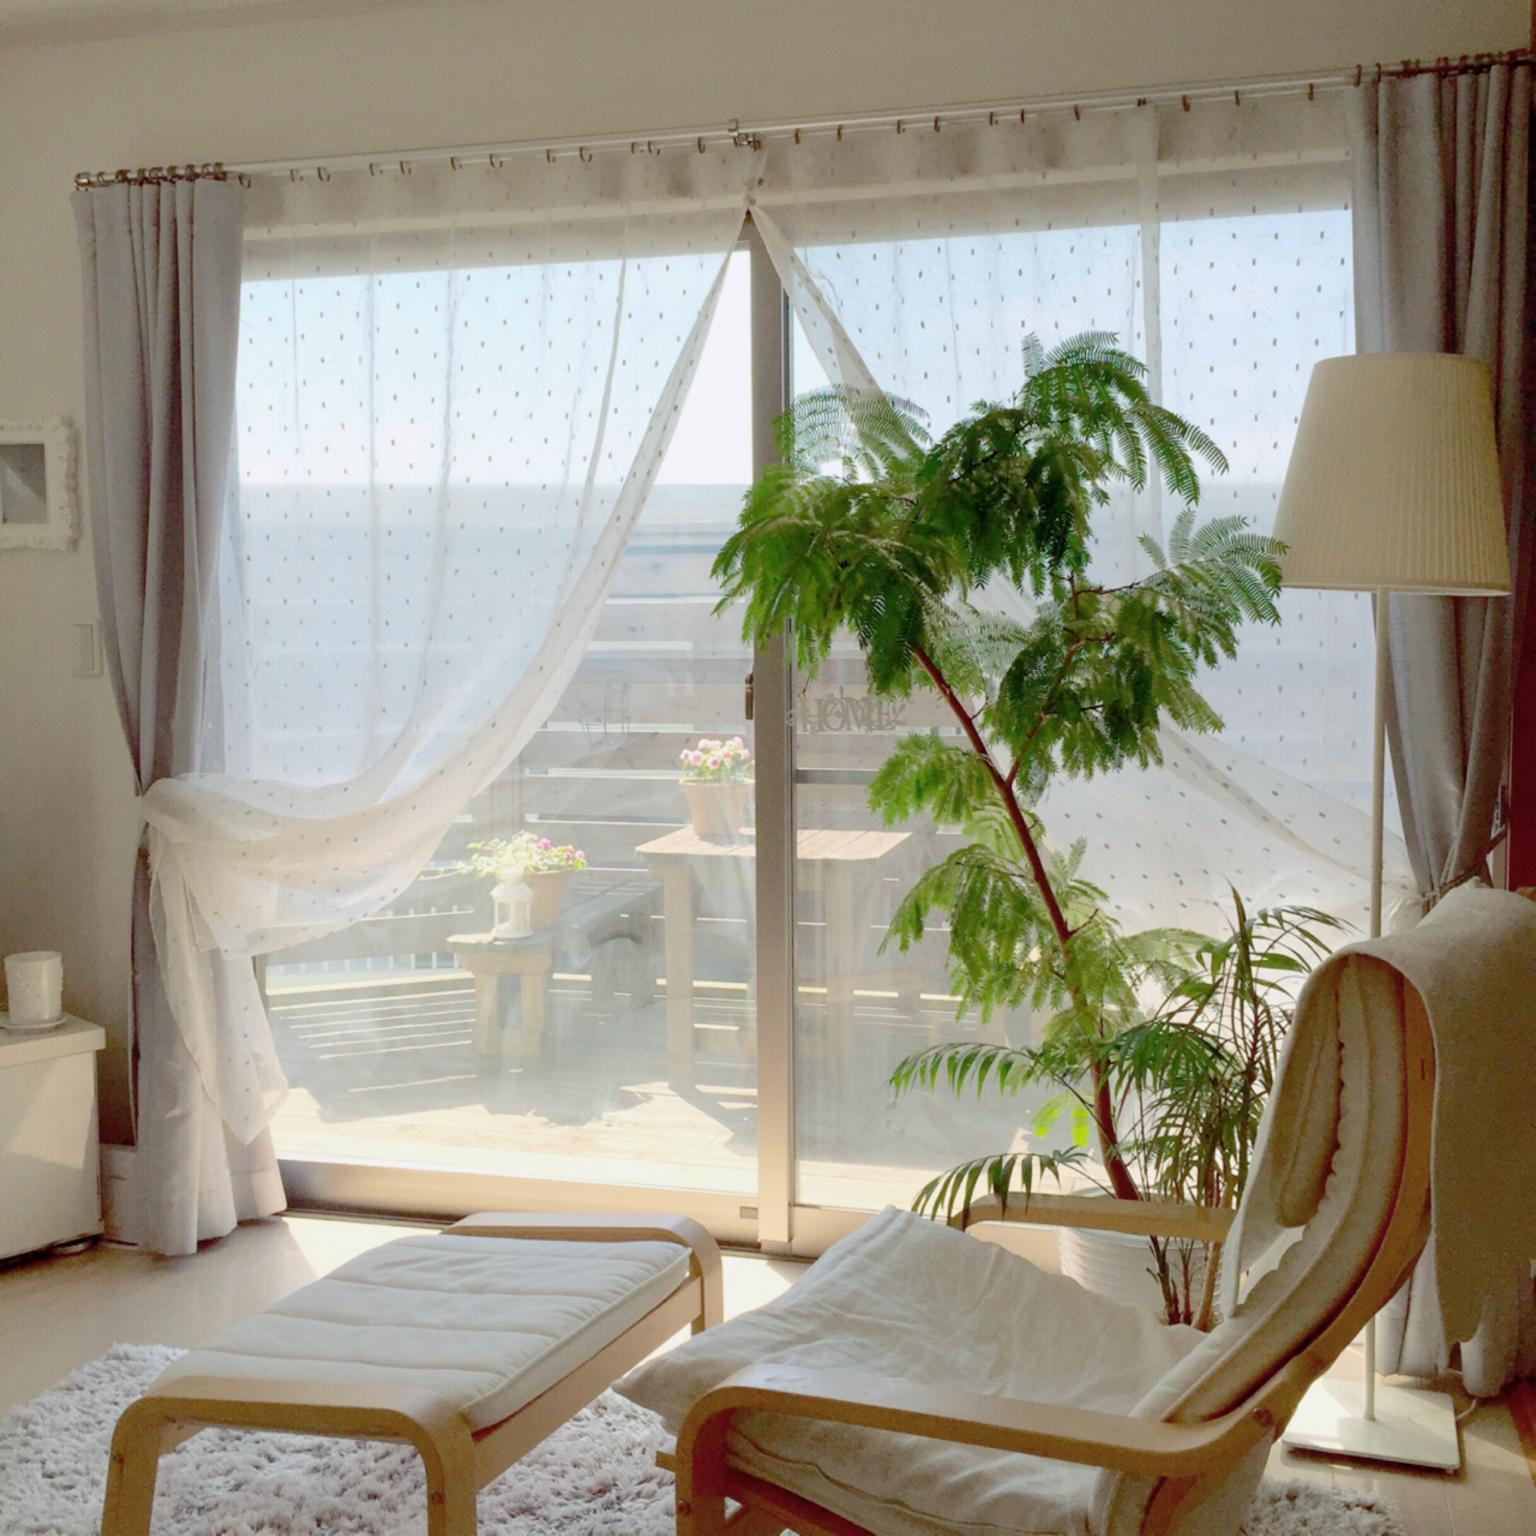 ホッと一息できる♡心に余裕が持てる部屋作り10のコツ | RoomClip mag | 暮らしとインテリアのwebマガジン